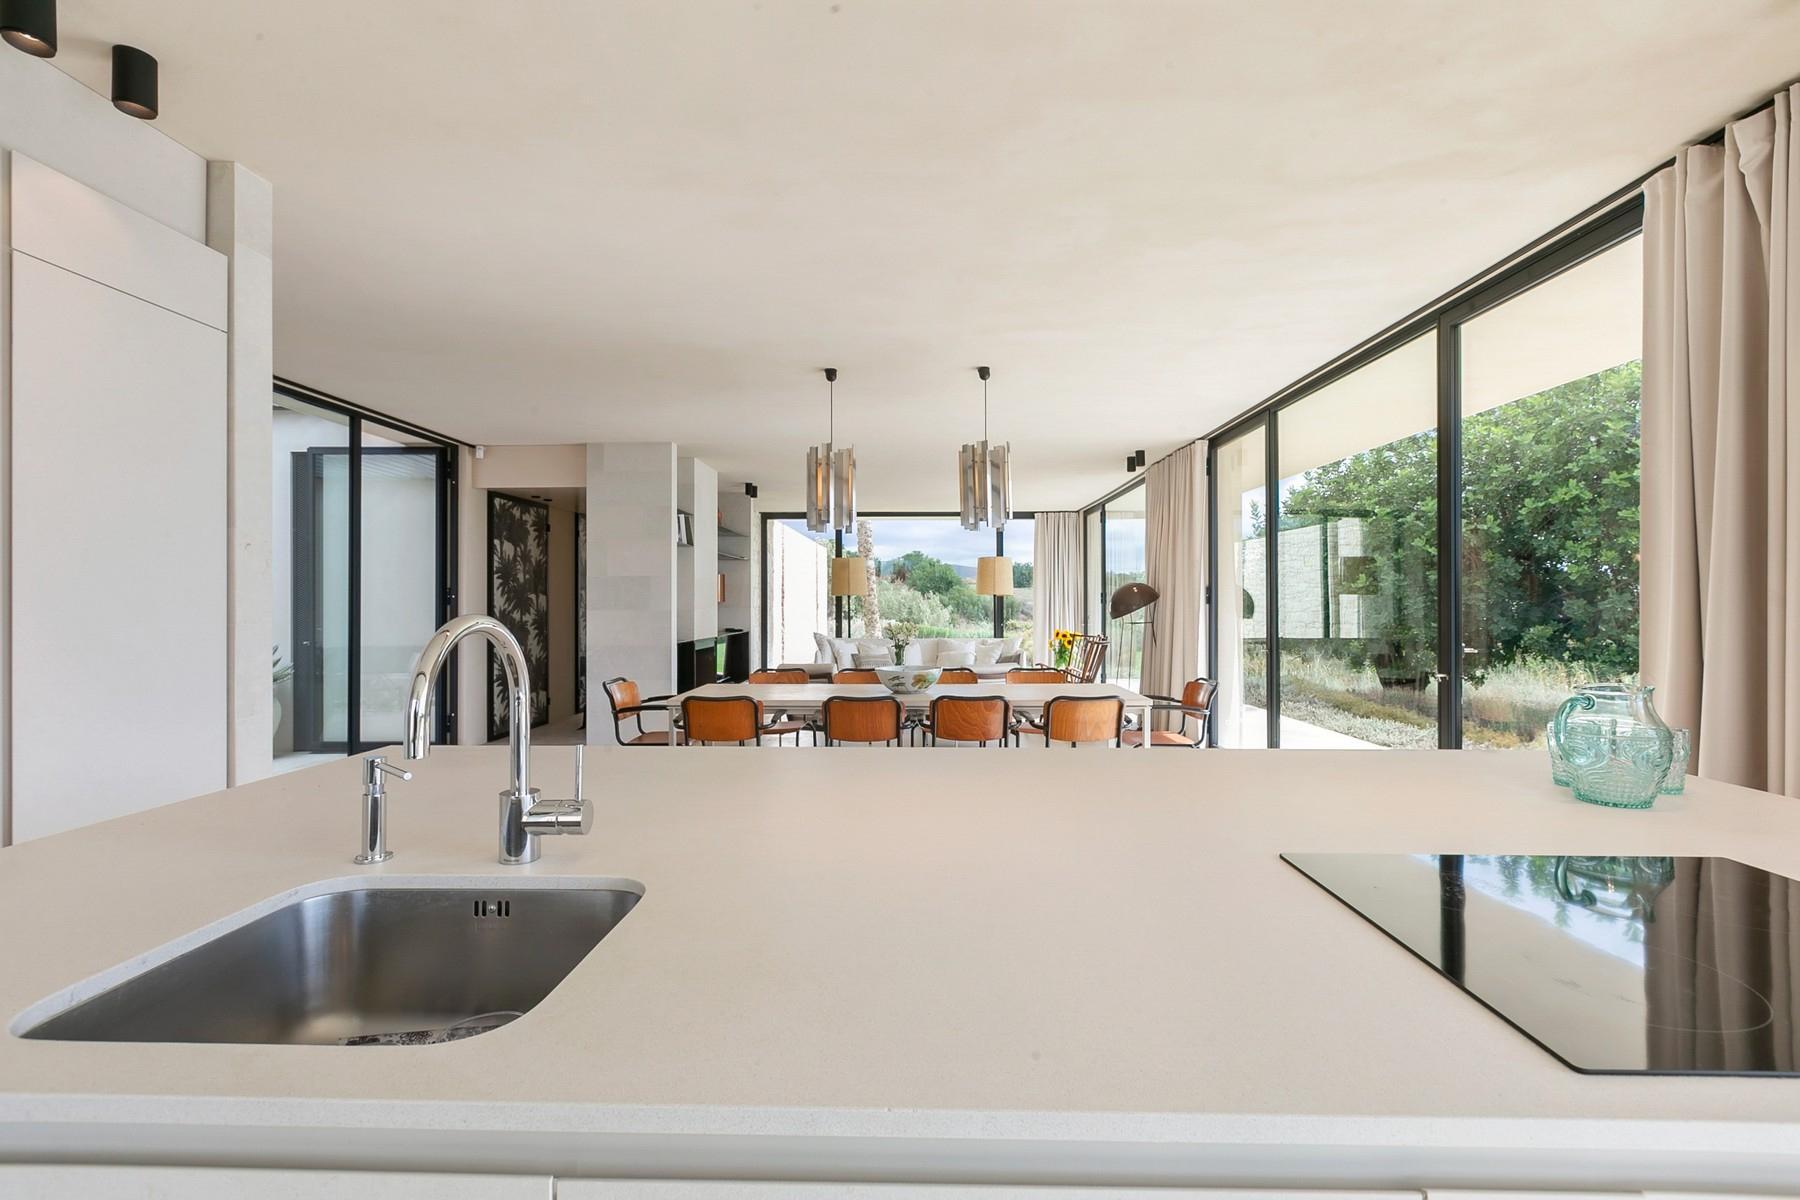 拥有游泳池和附属建筑当代设计的别墅 - 9